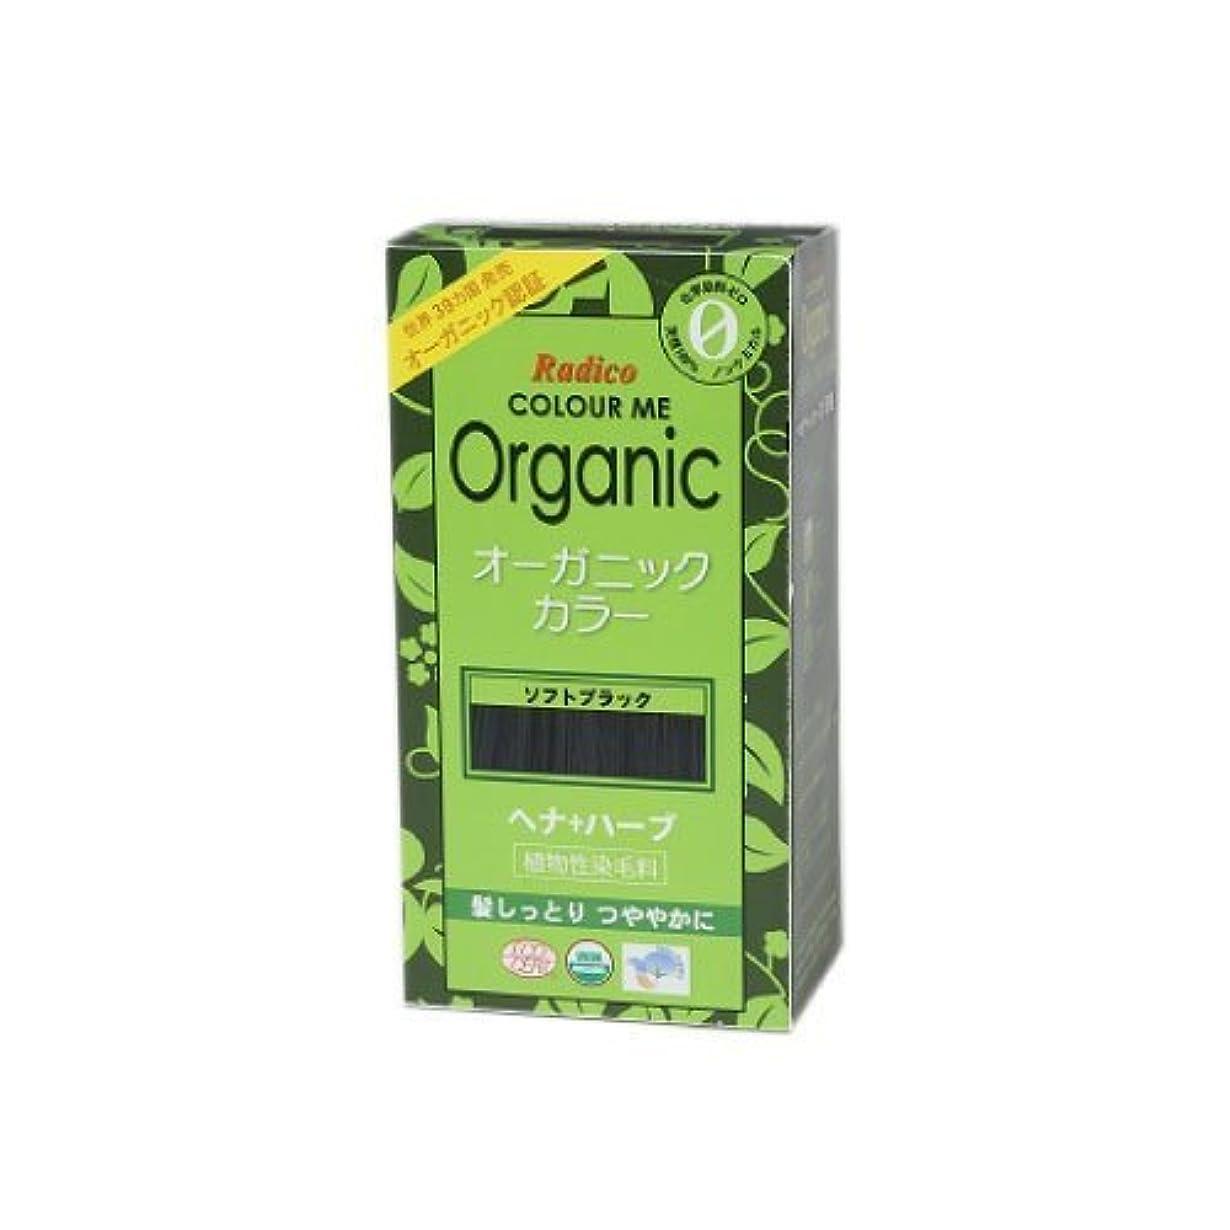 不満交差点シンカンCOLOURME Organic (カラーミーオーガニック ヘナ 白髪用 髪色戻し) ソフトブラック 100g